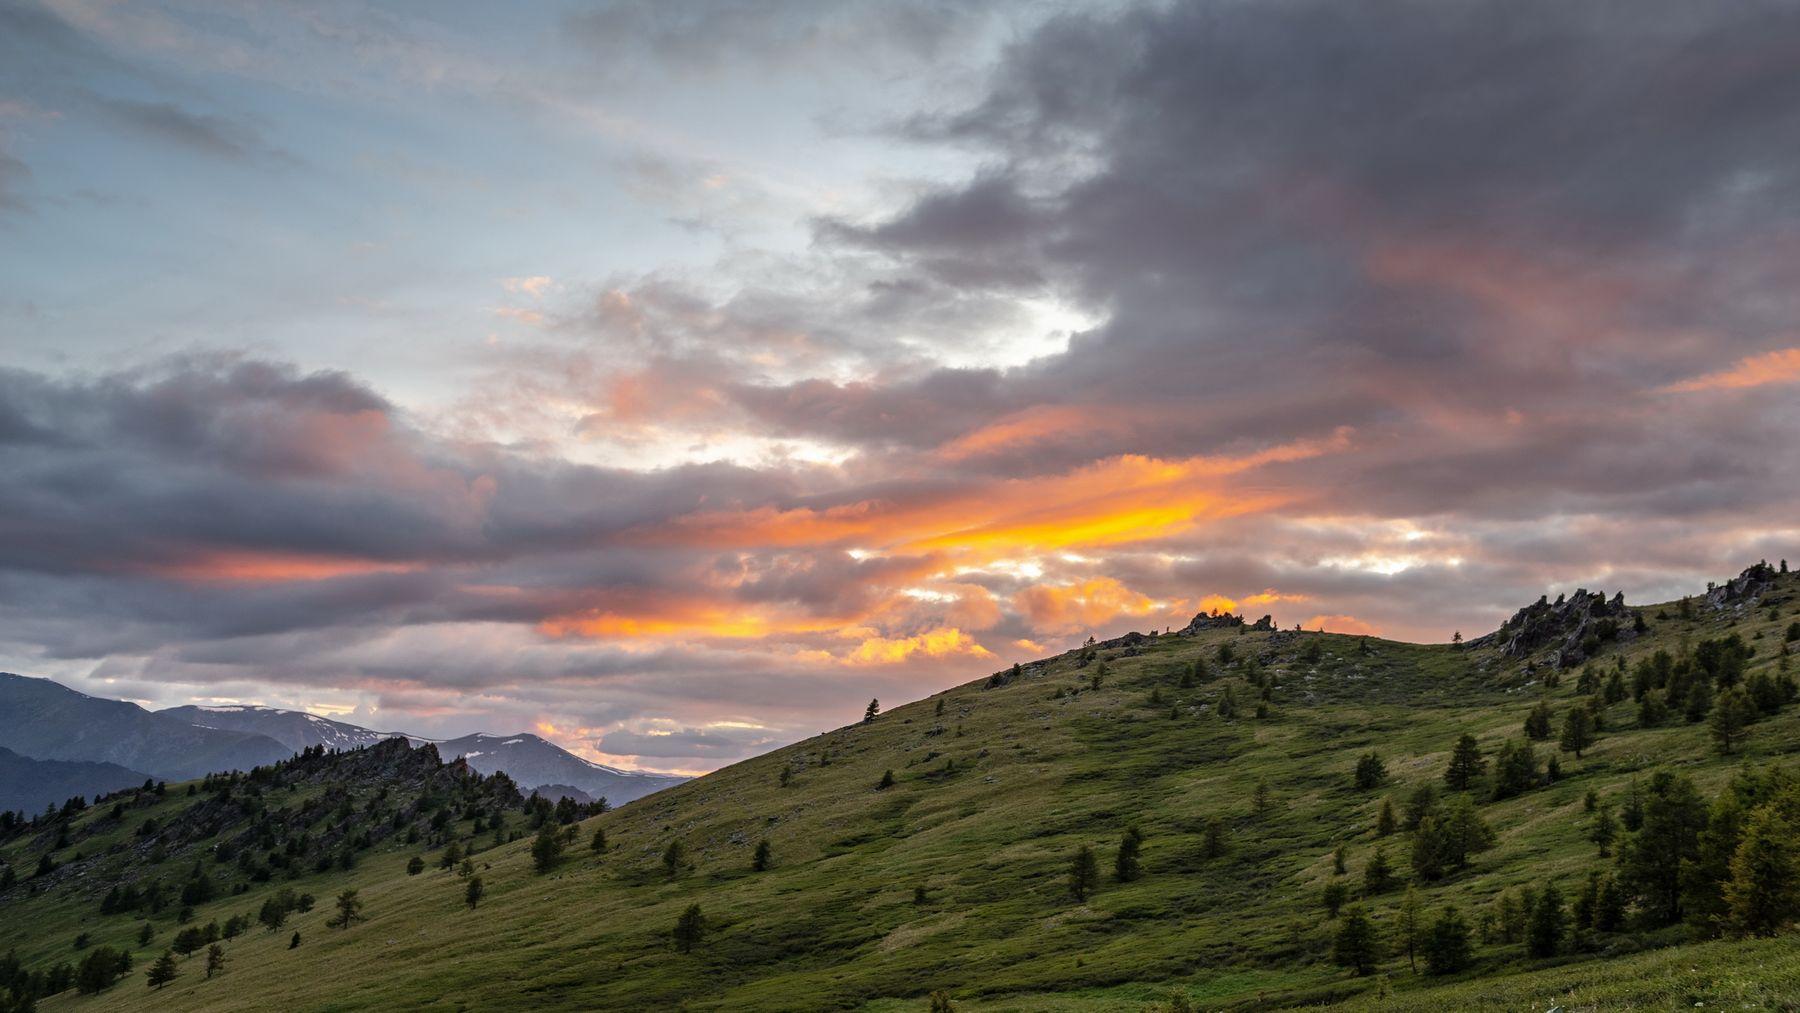 Алтайский вечер. горы алтай горный аккем пейзаж природа россия ник васильев красота вечер закат